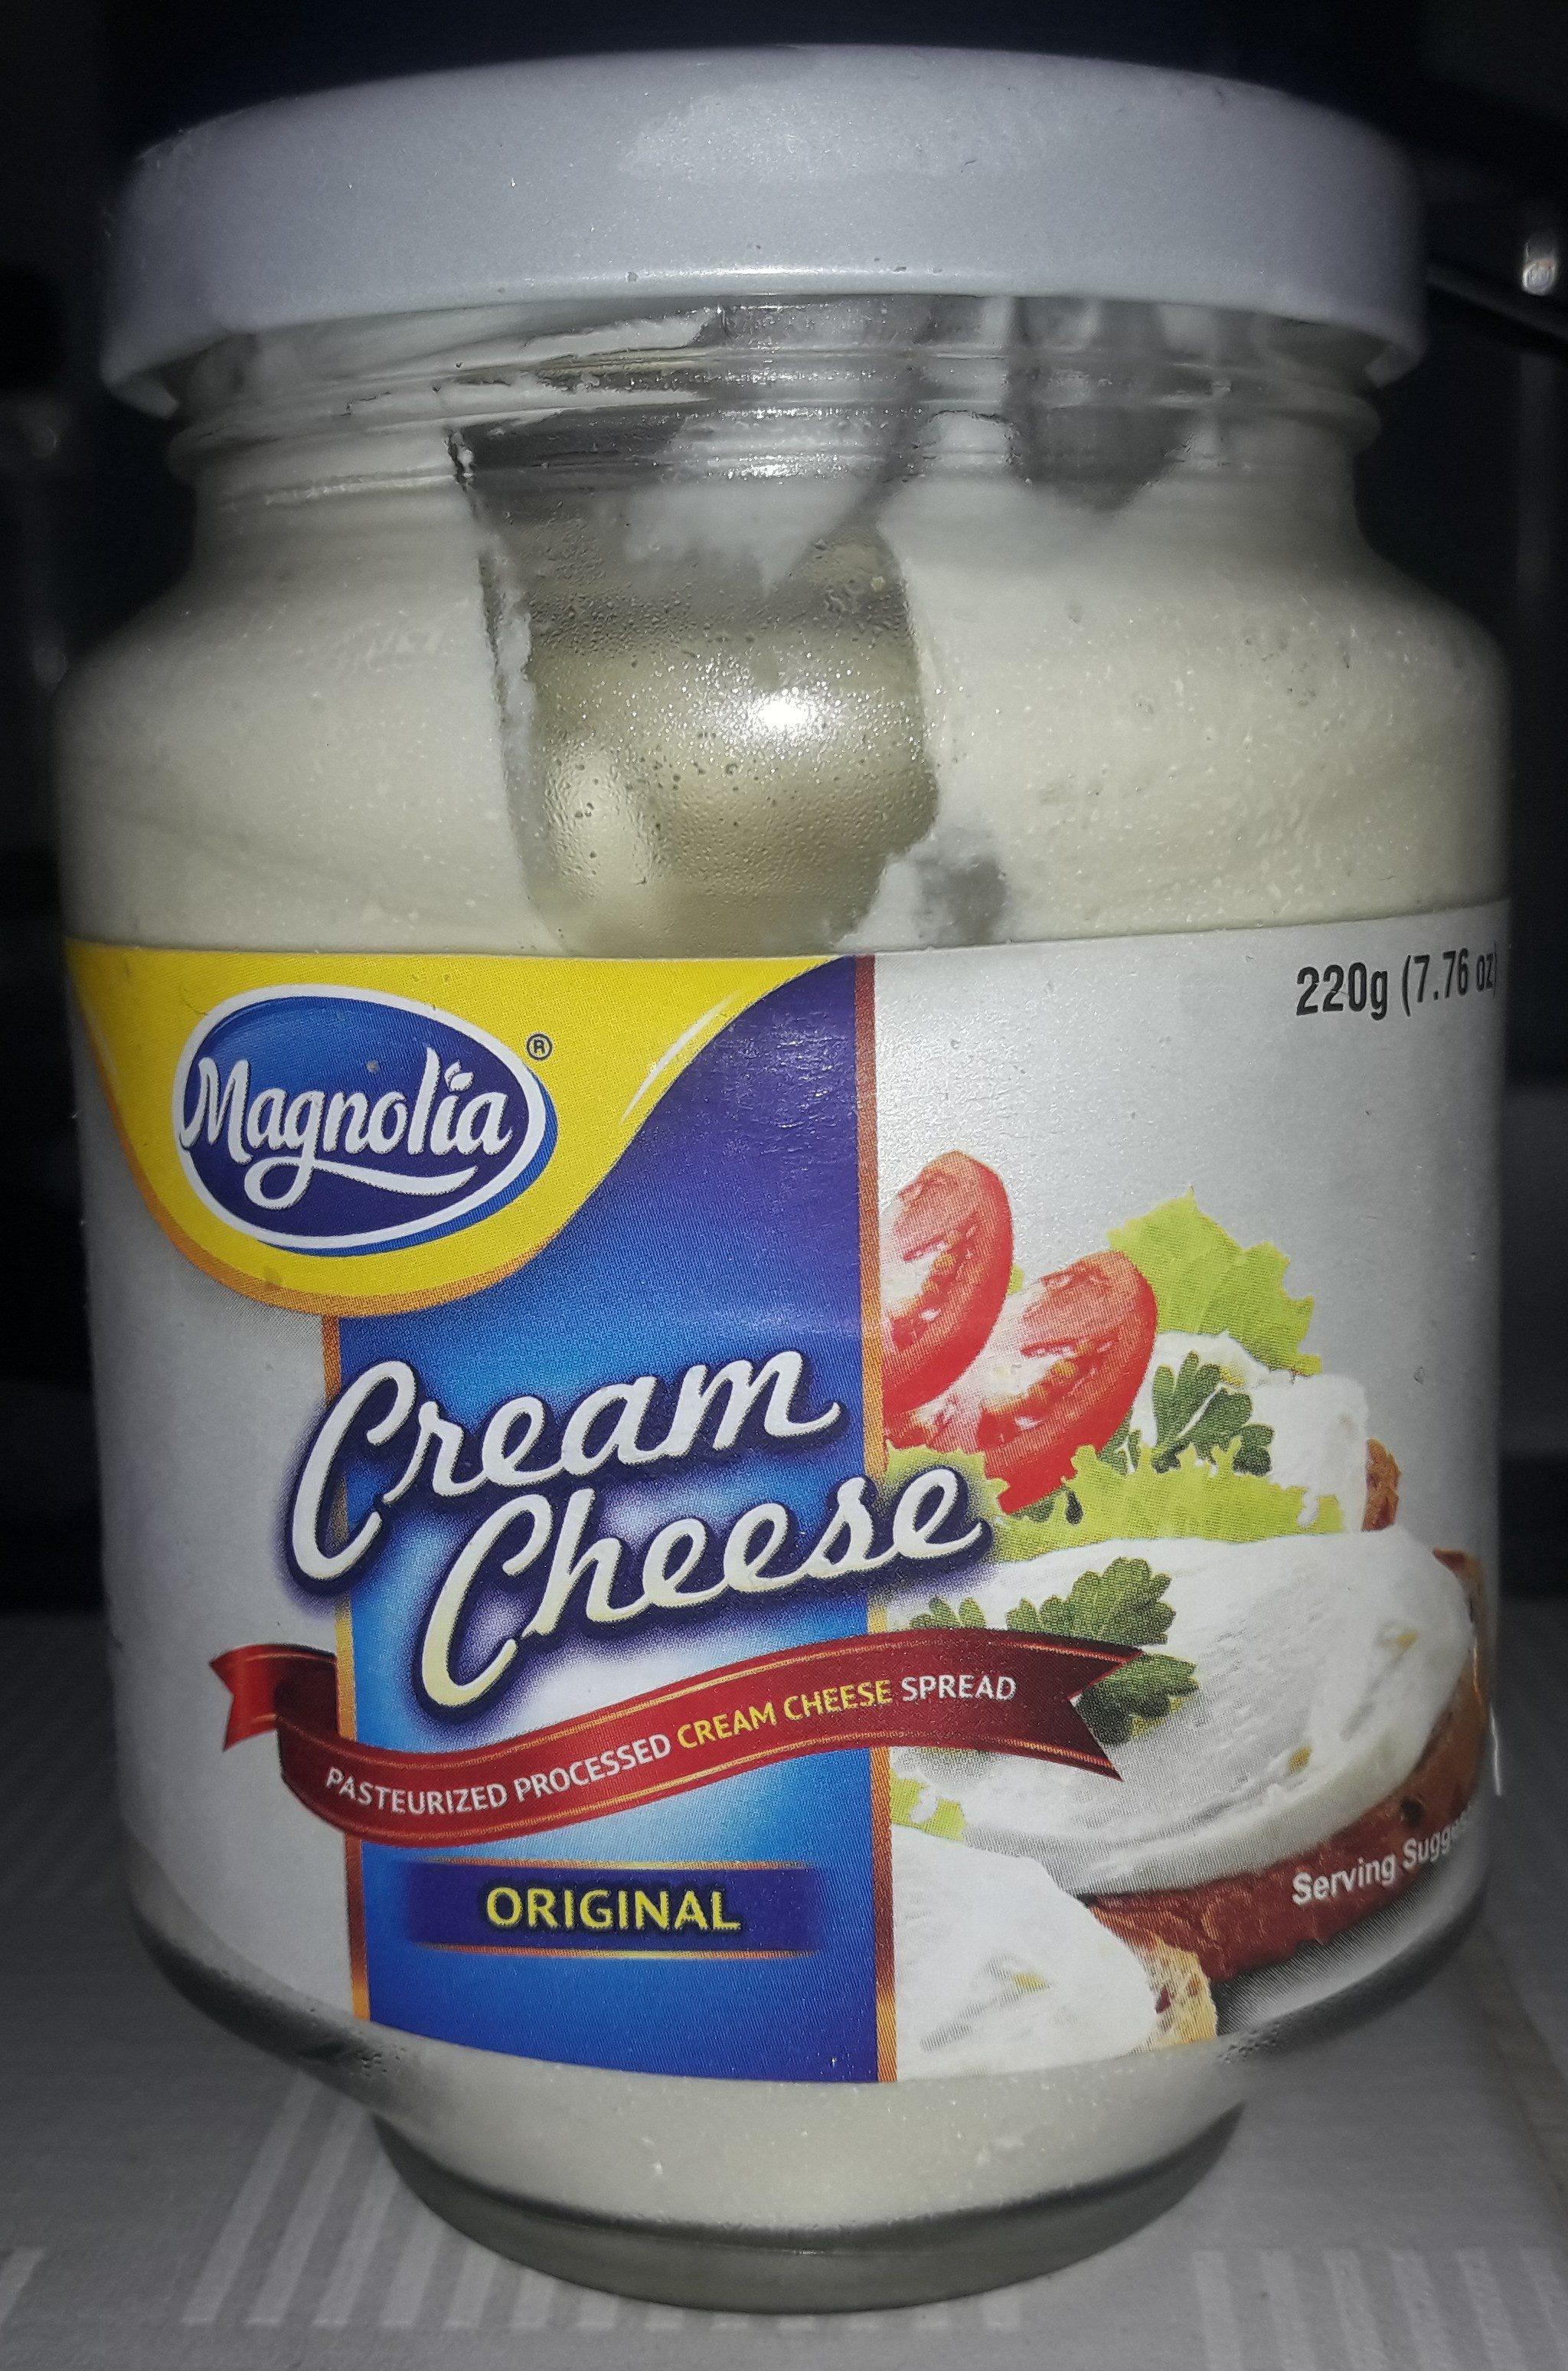 Cream Cheese - Original - Product